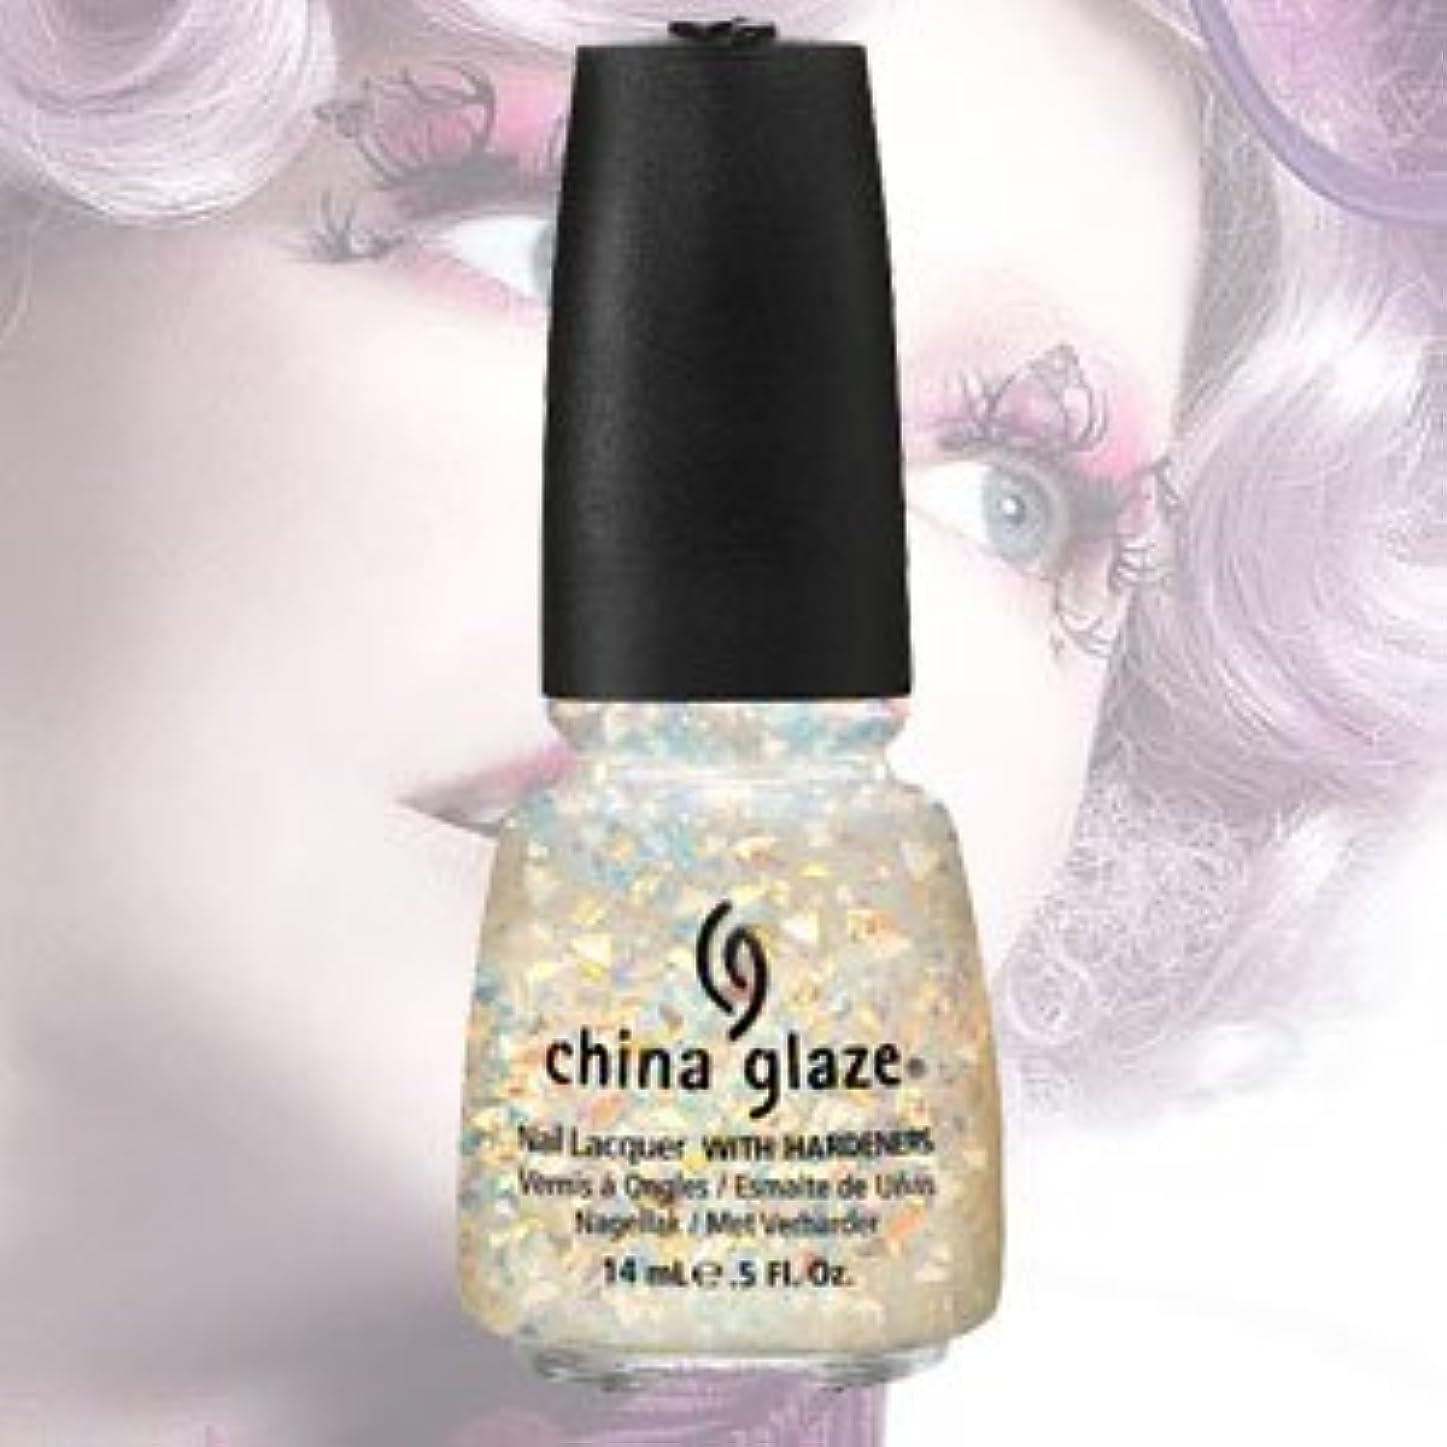 流行かけがえのない相互(チャイナグレイズ)China Glaze Luxe and LushーCAPITOL COLOURS コレクション [海外直送品][並行輸入品]